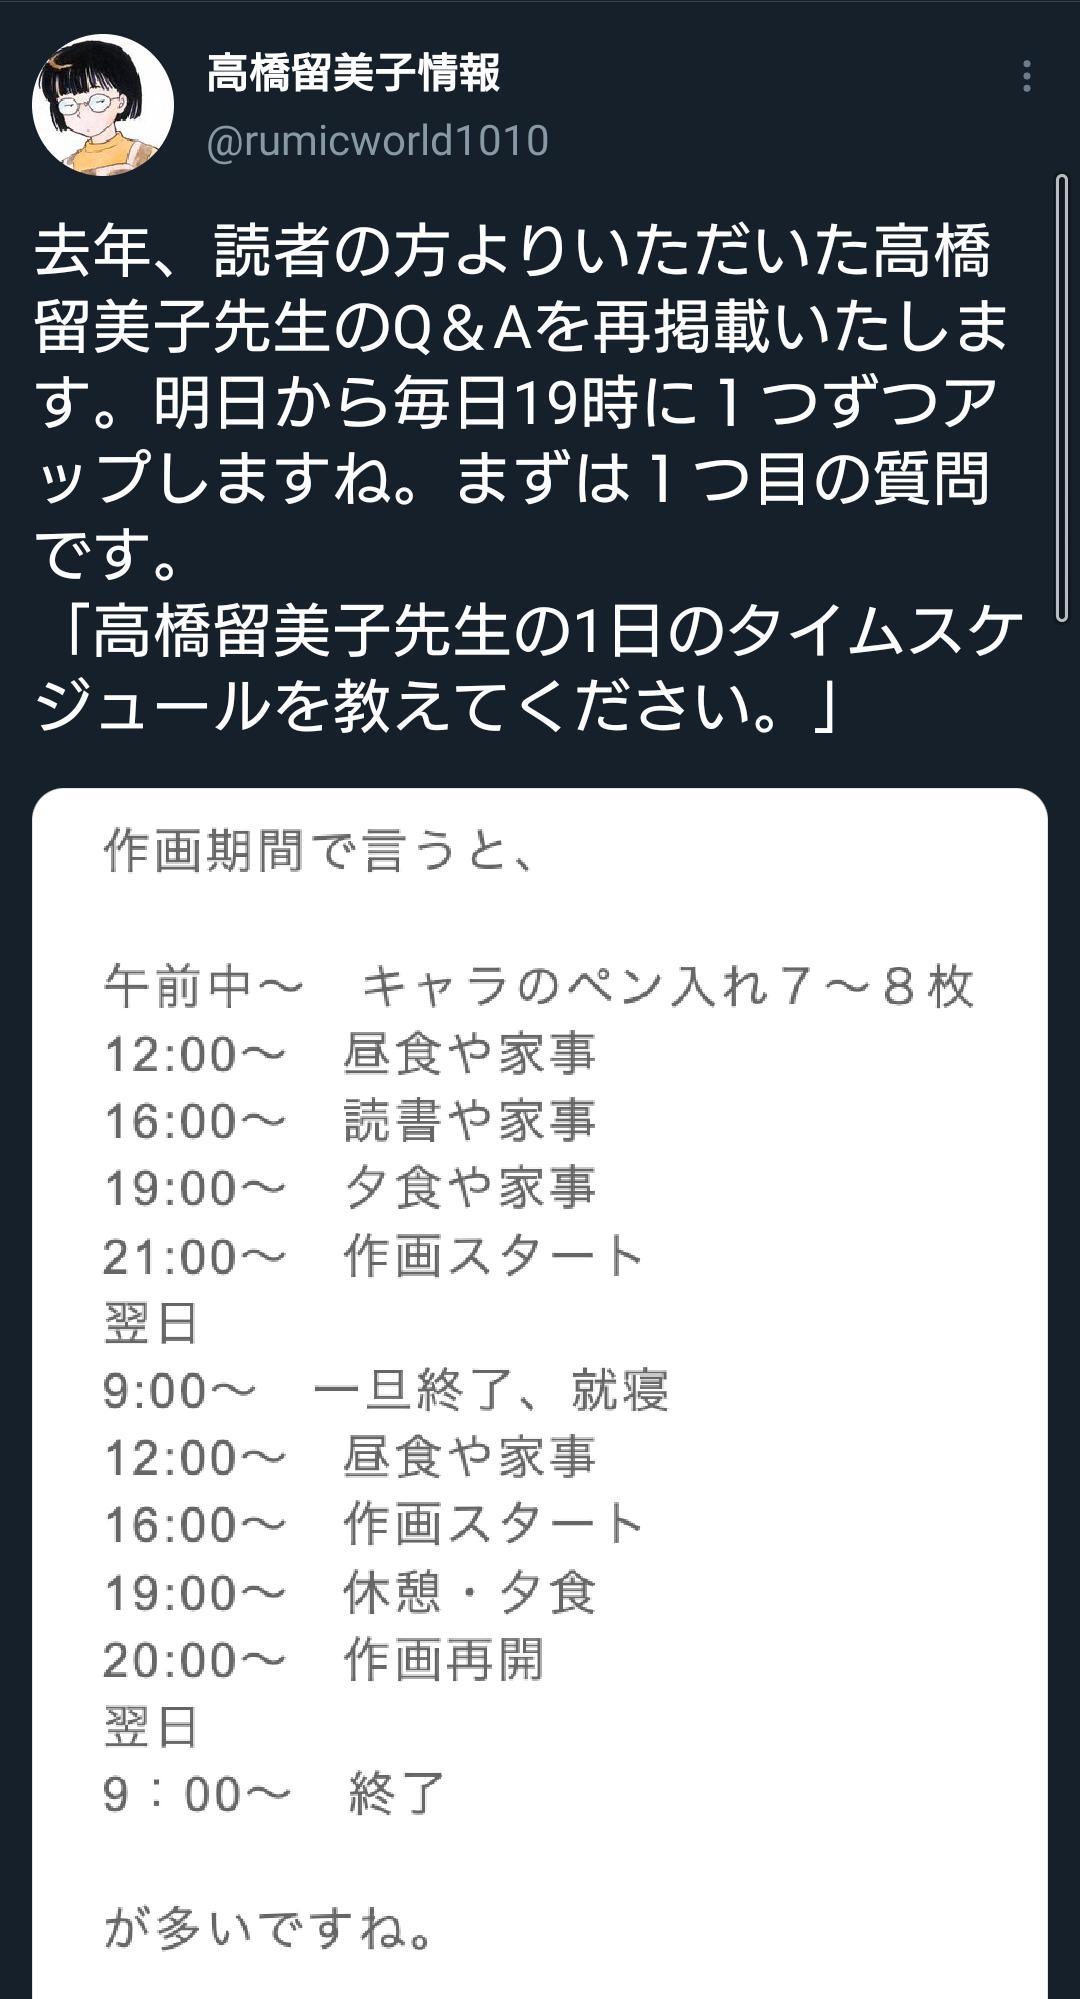 【画像】高橋留美子の一日のスケジュールw